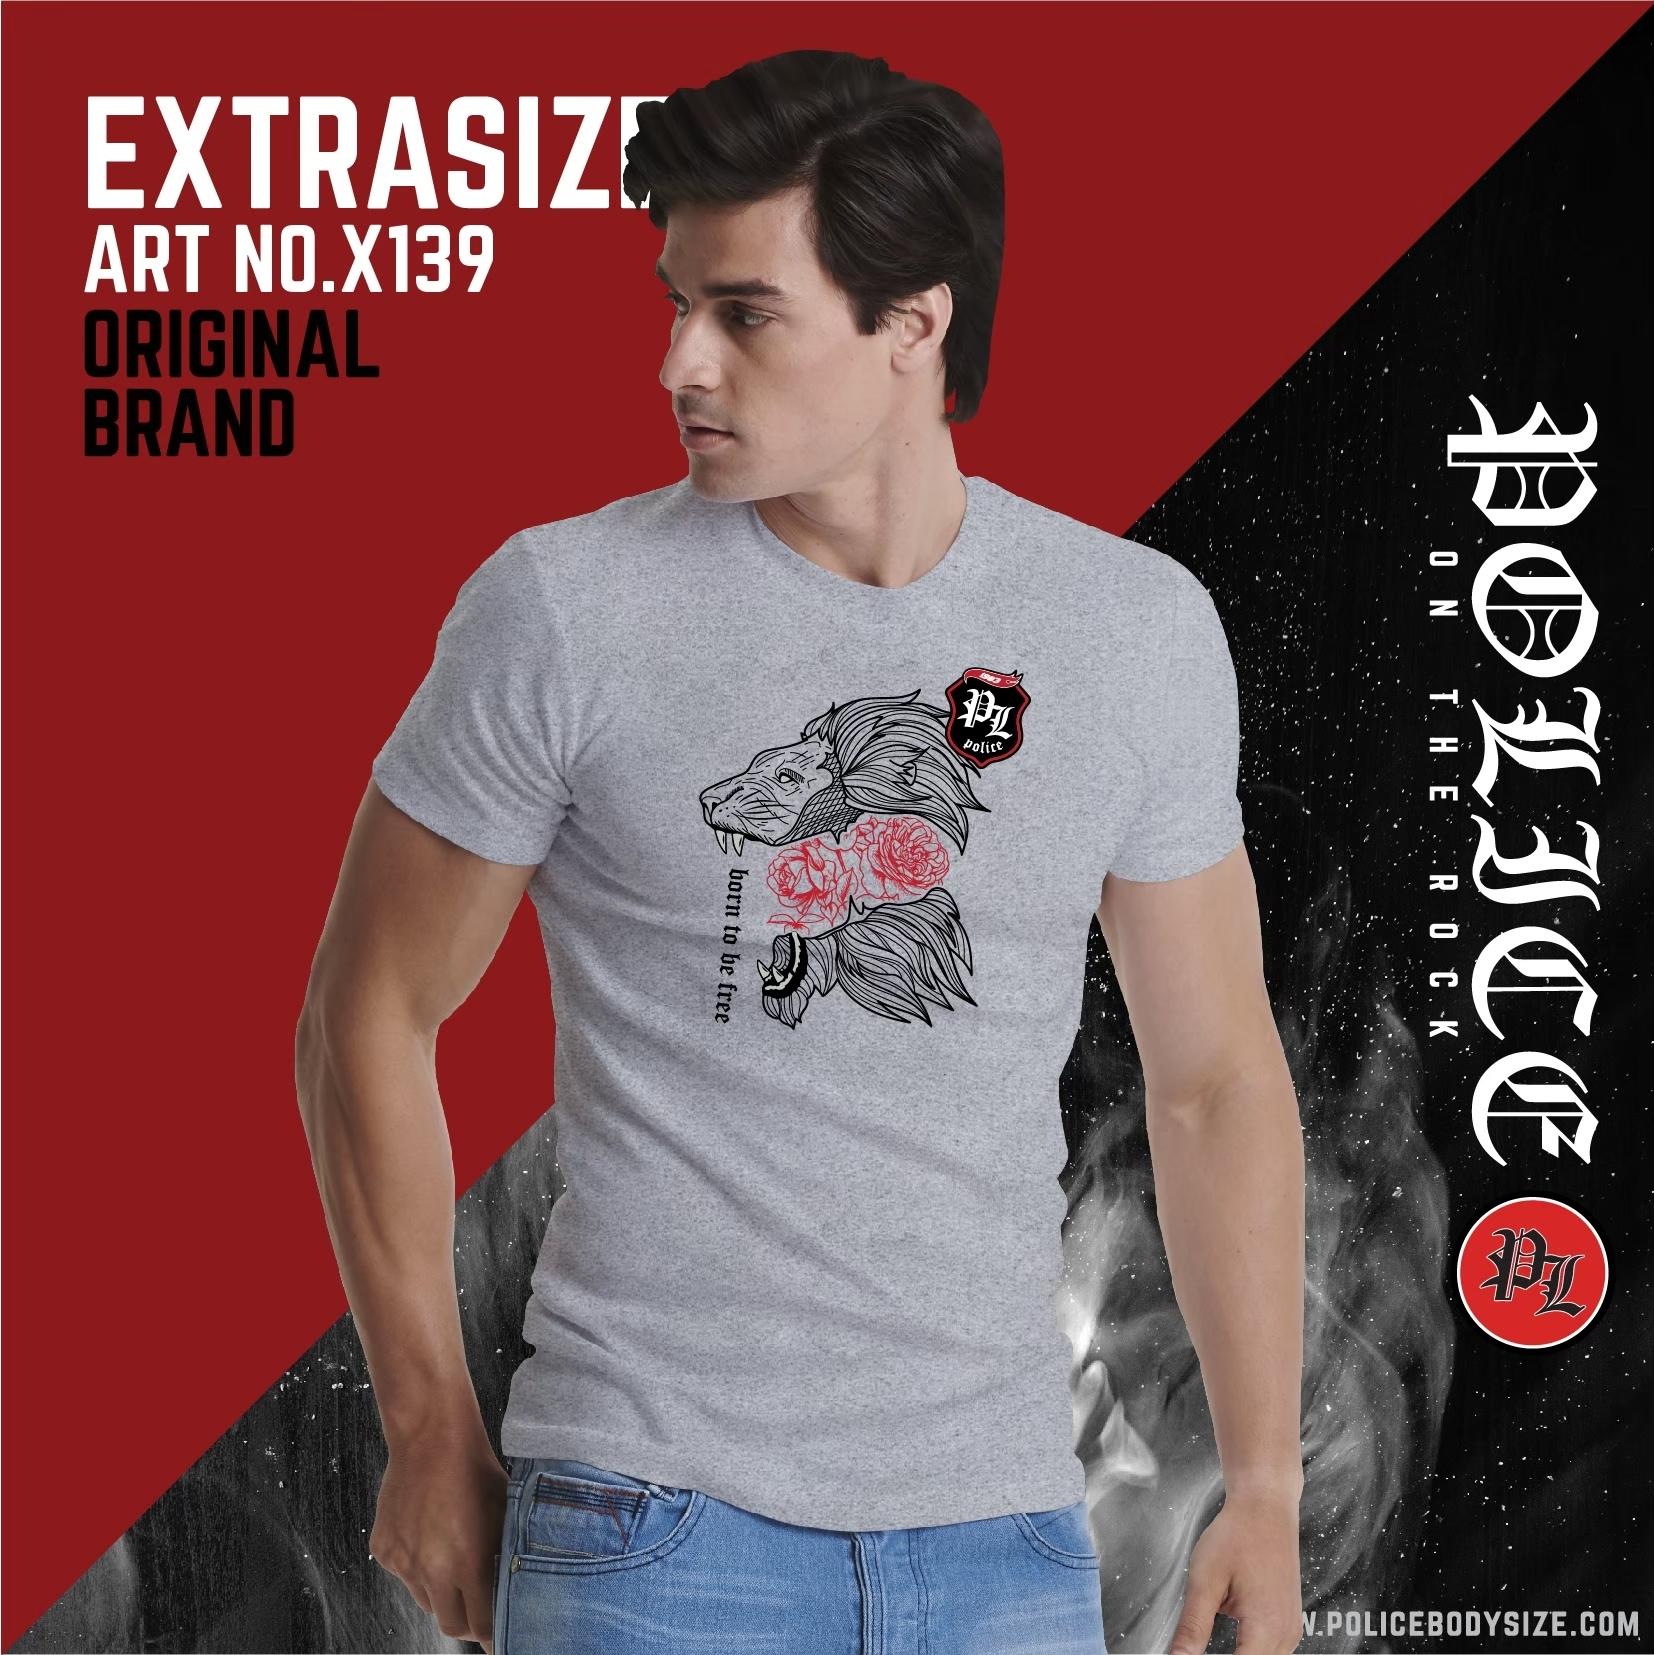 Art No.X139